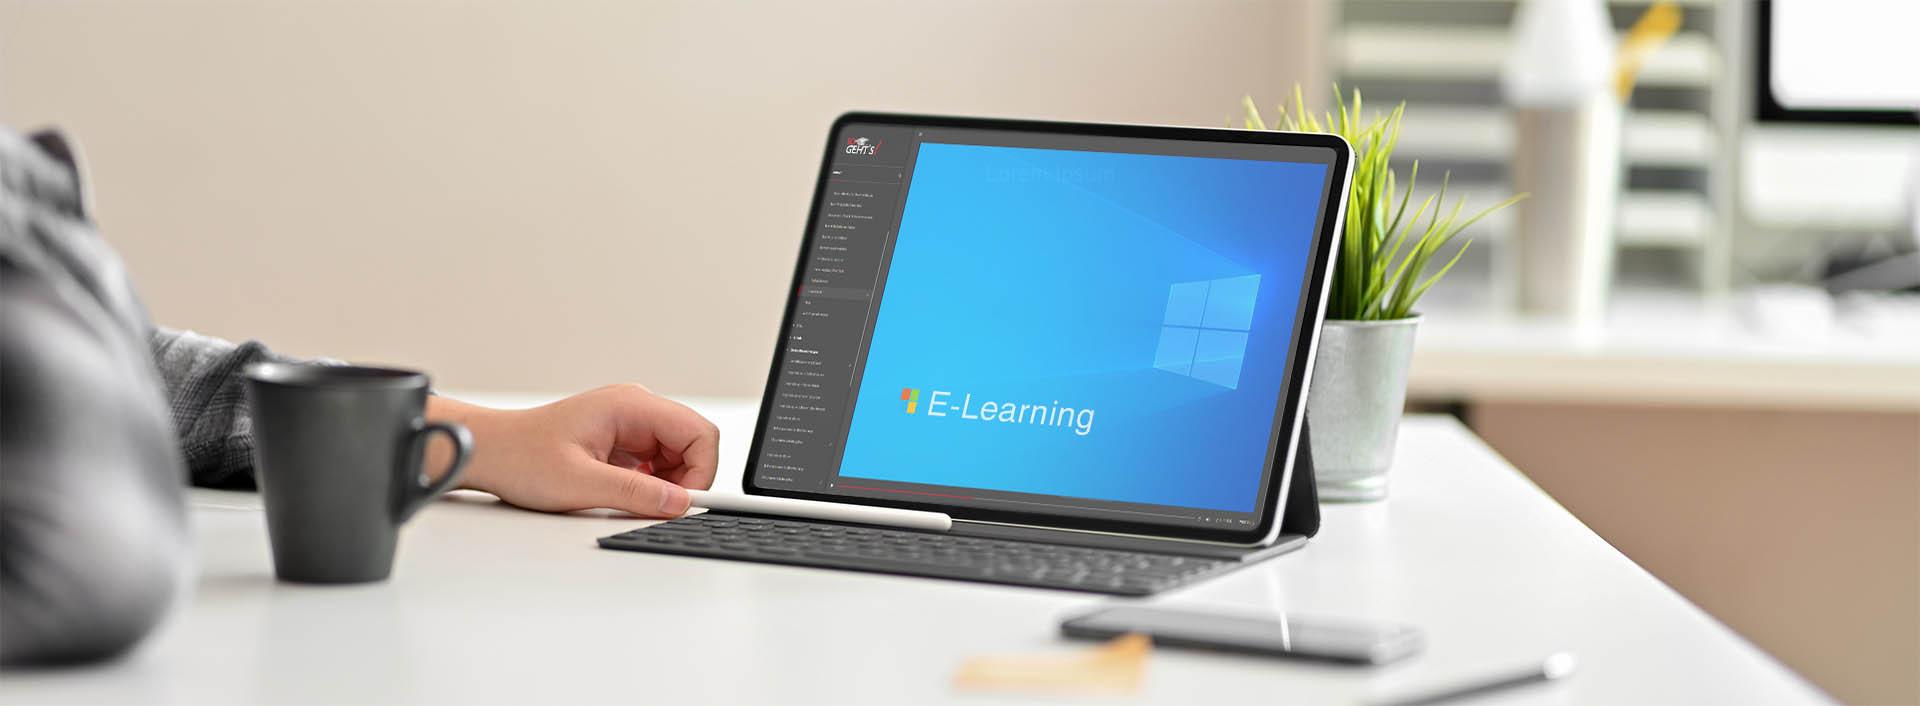 Windows 10 - Lernvideos vermitteln Wissenswertes für Umsteiger